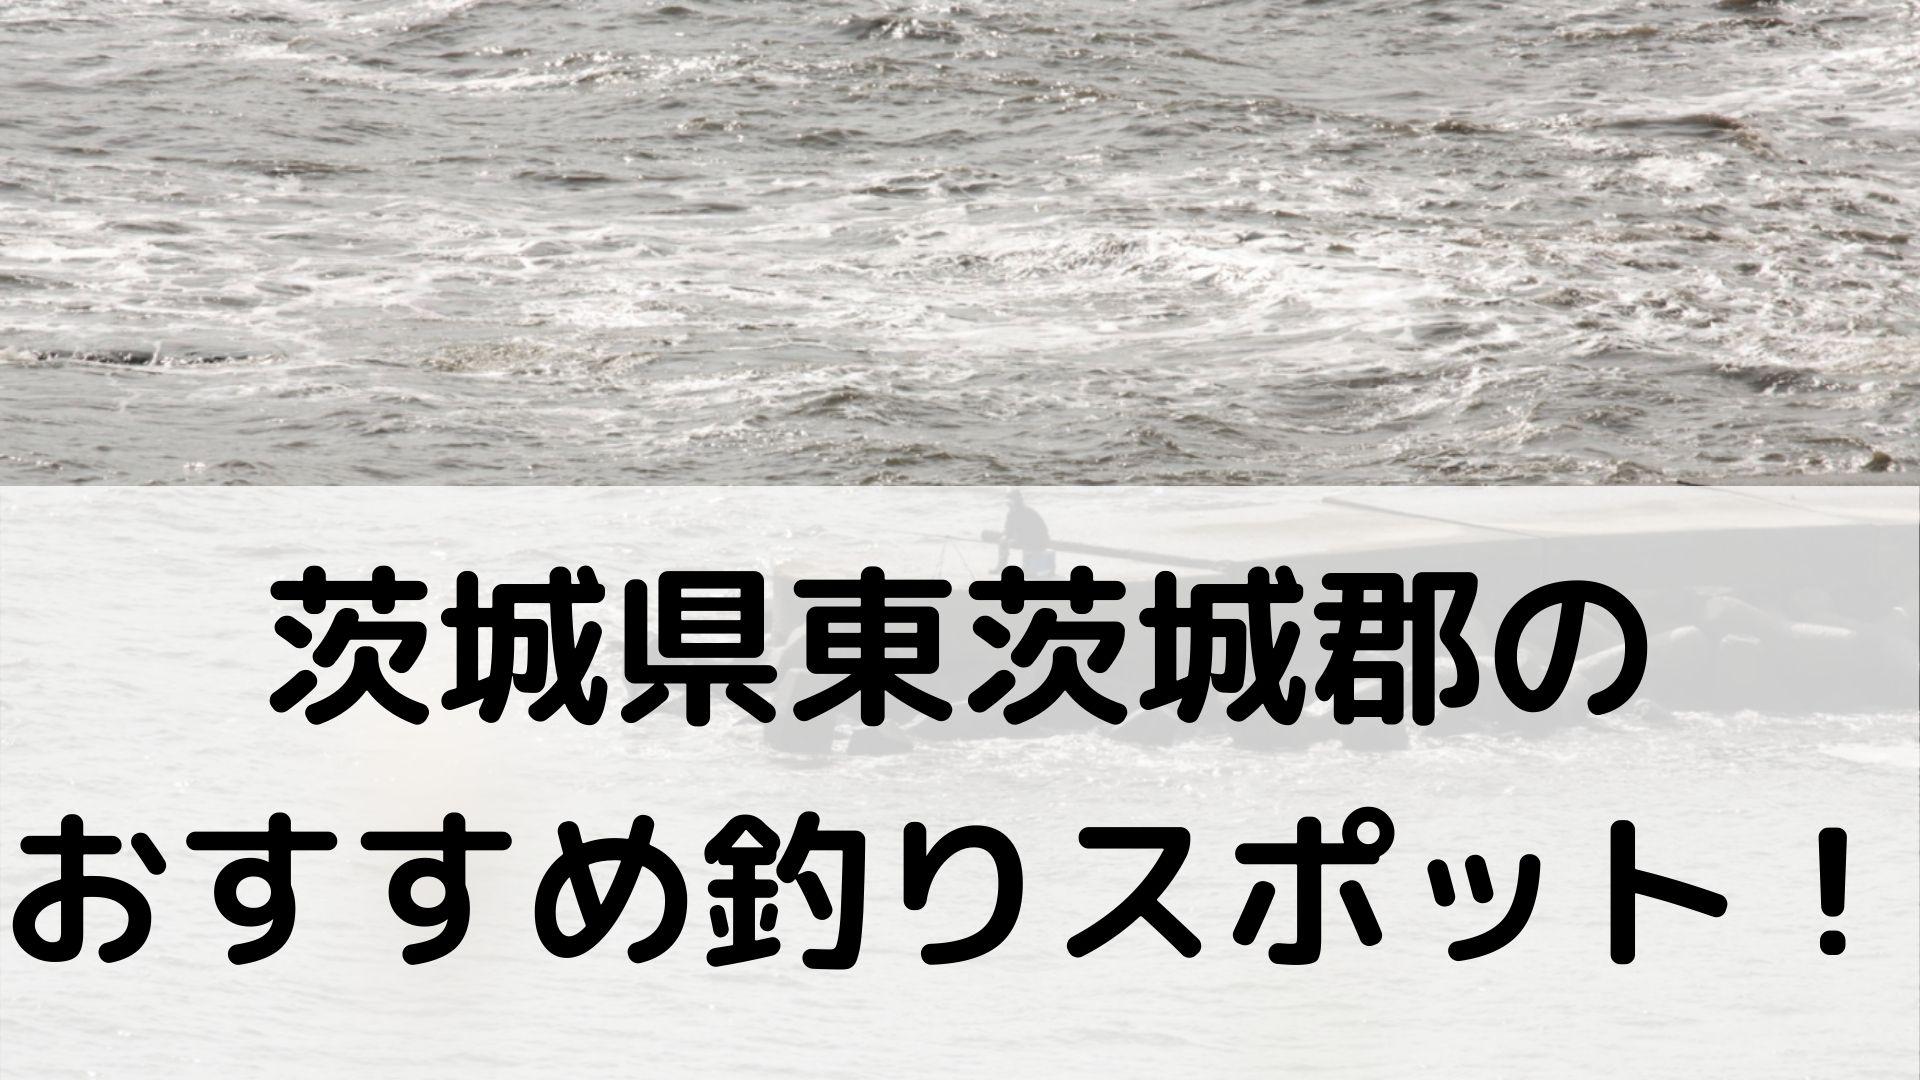 茨城県東茨城郡のおすすめ釣りスポットに関する参考画像